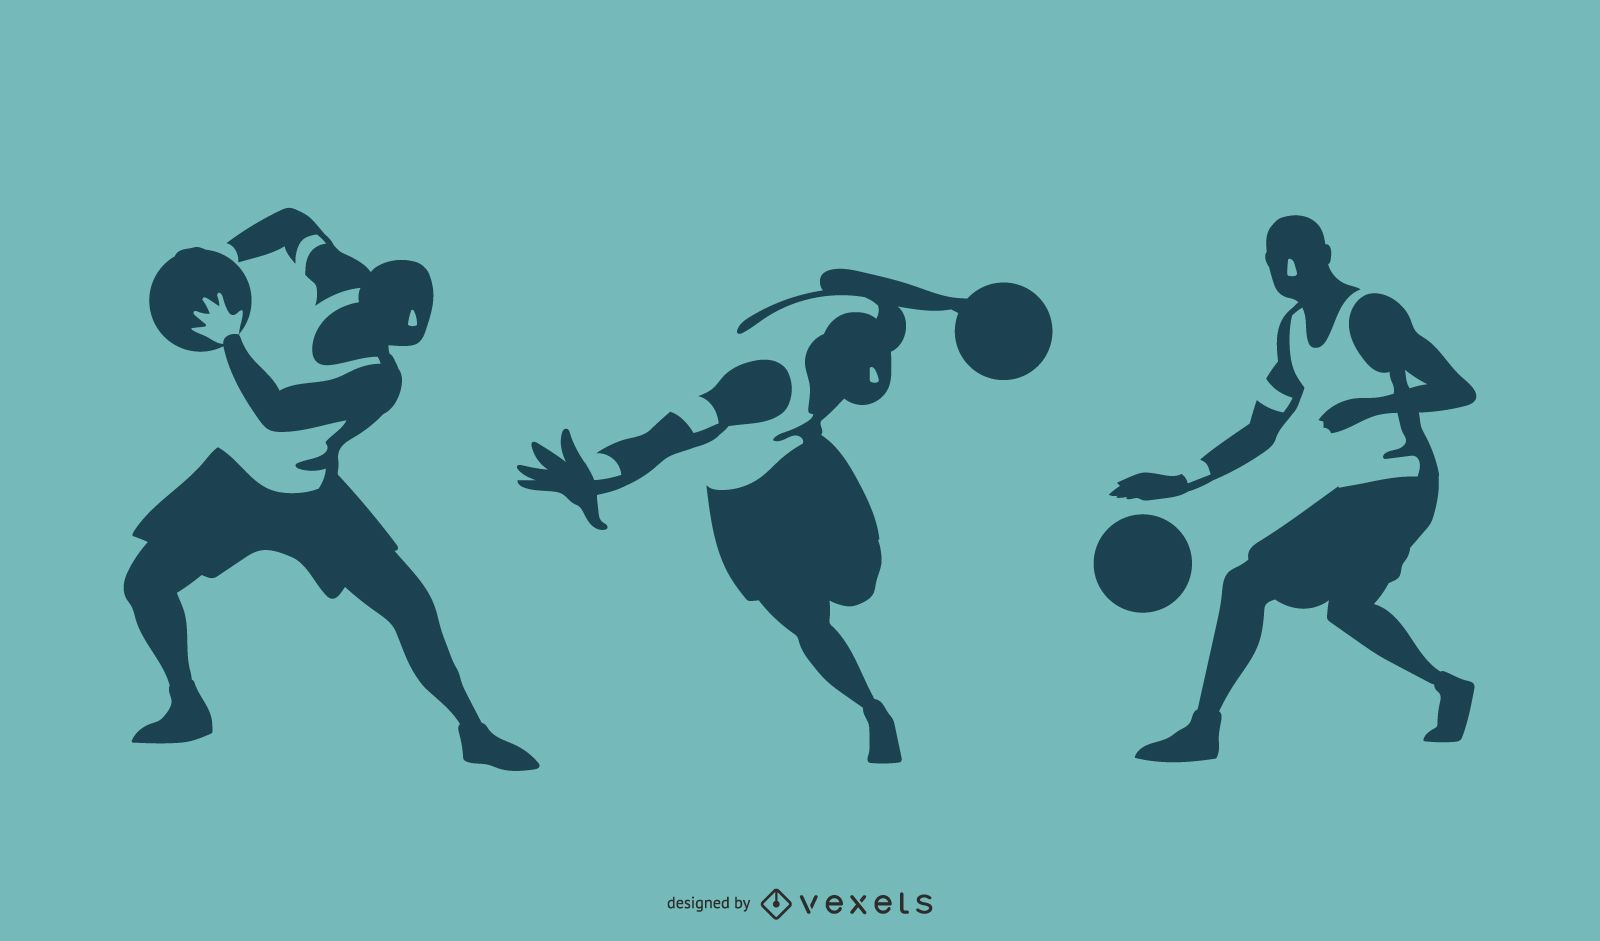 Siluetas de jugador de baloncesto